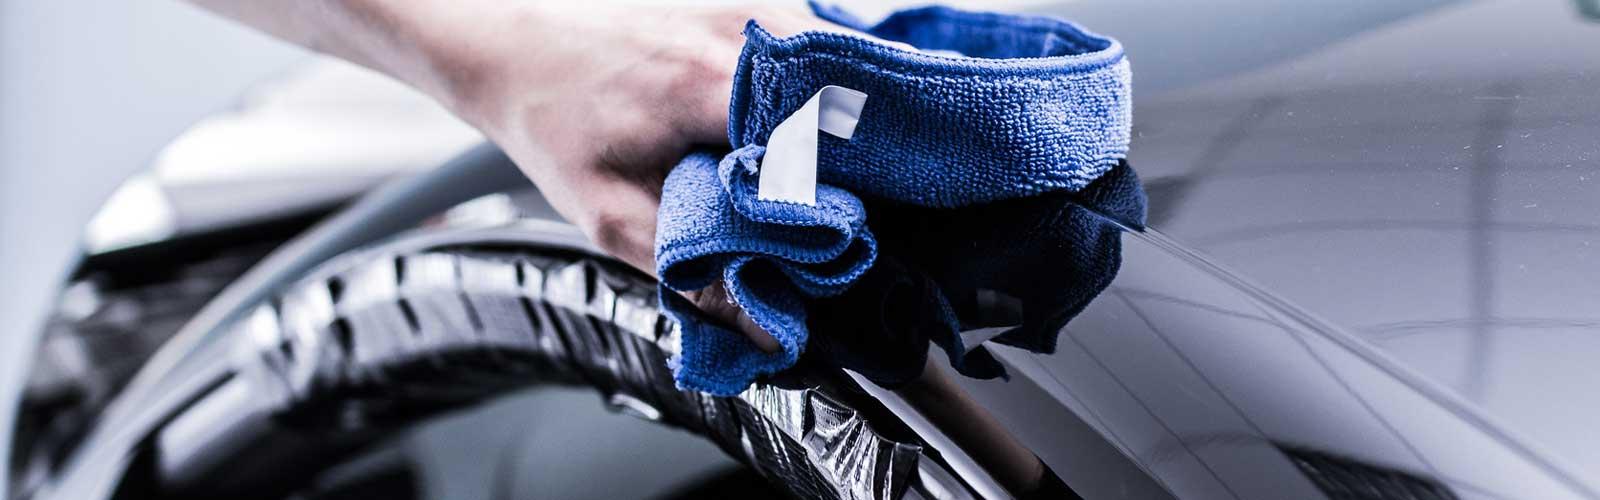 Der Fahrzeugpflege und Autopflege Online Shop Gollit